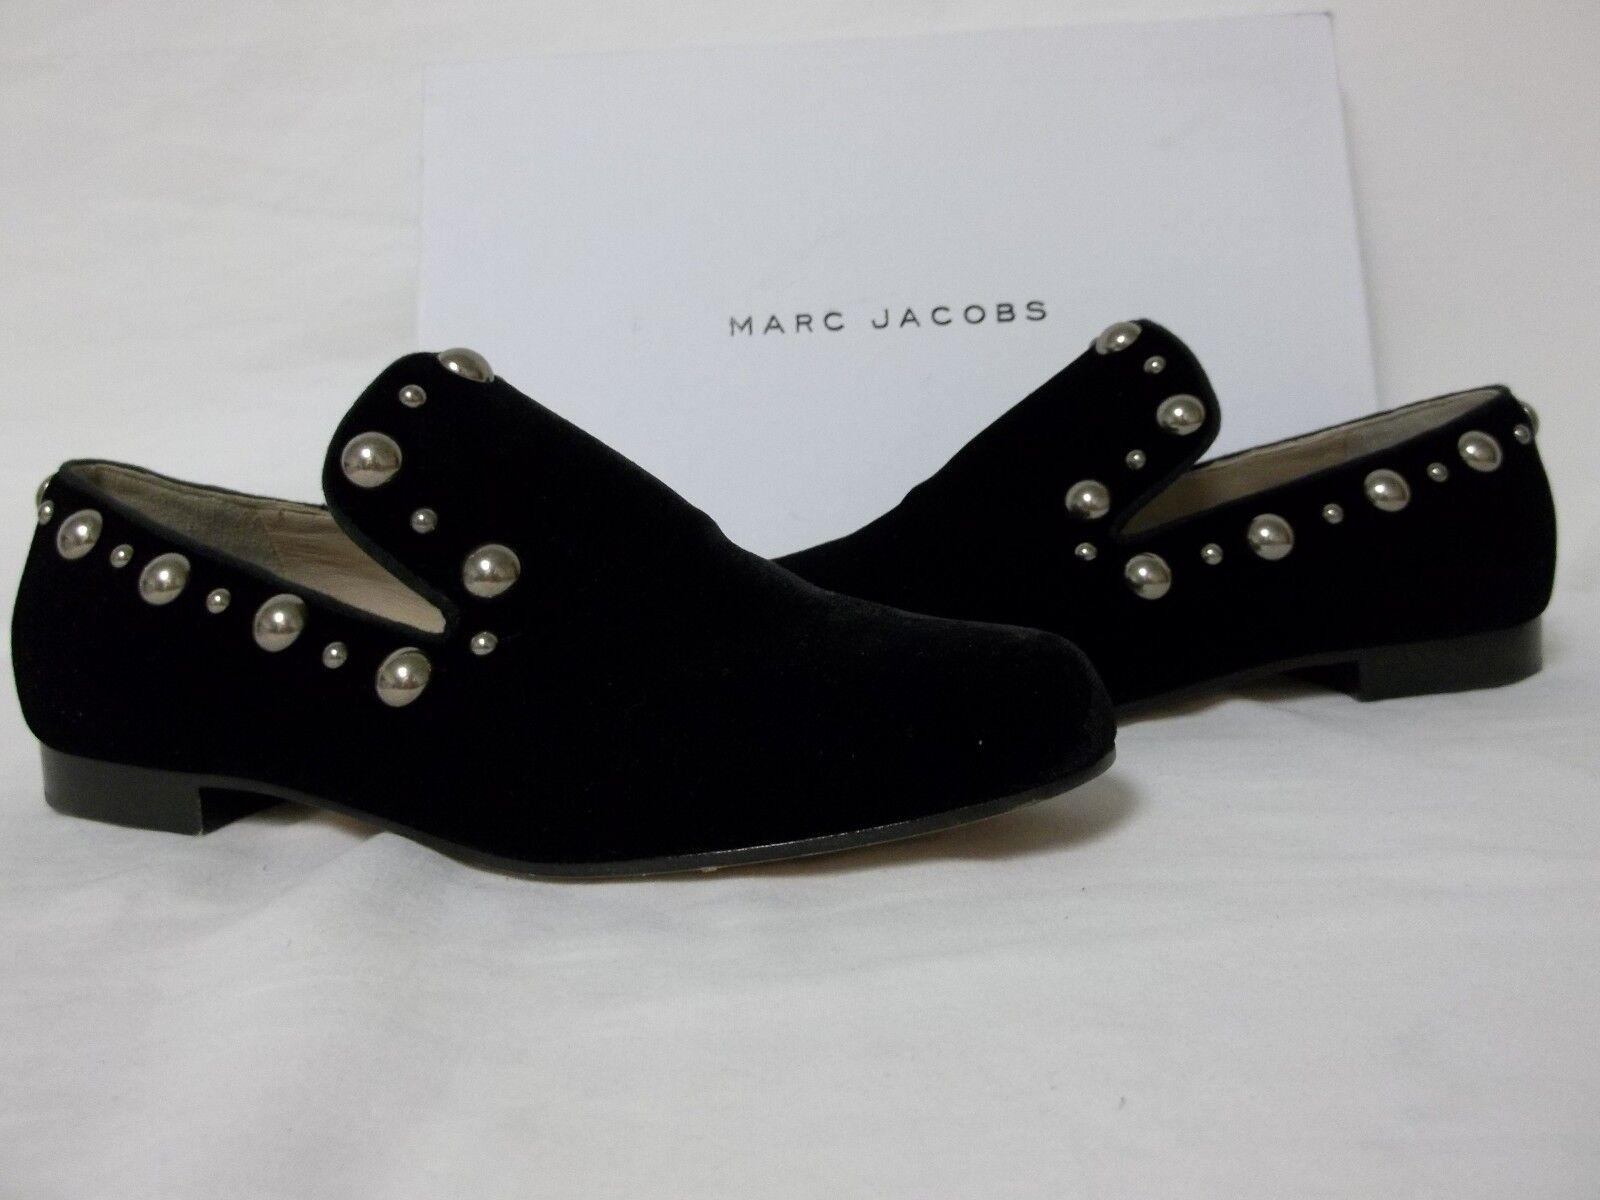 Marc Jacobs Size EU 36.5 US 6.5 M M M Mj21085 Black Velvet Loafers New Womens shoes 485c5e